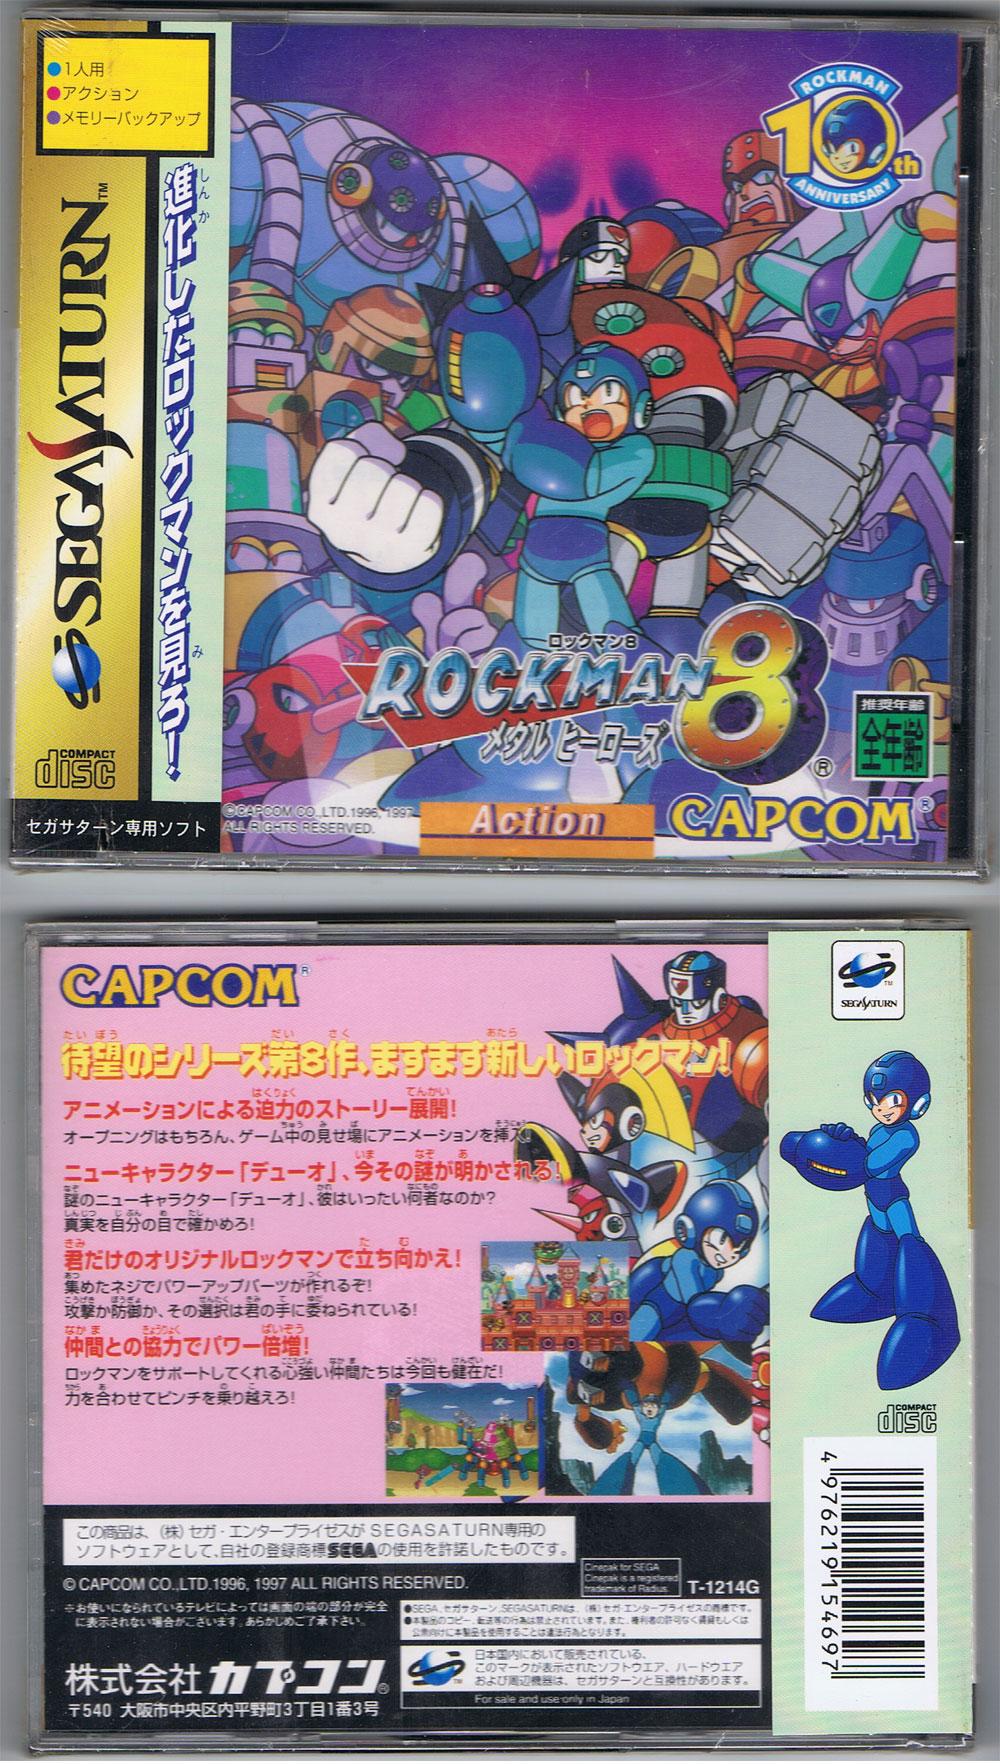 Rockman 8 (New) from Capcom - Sega Saturn